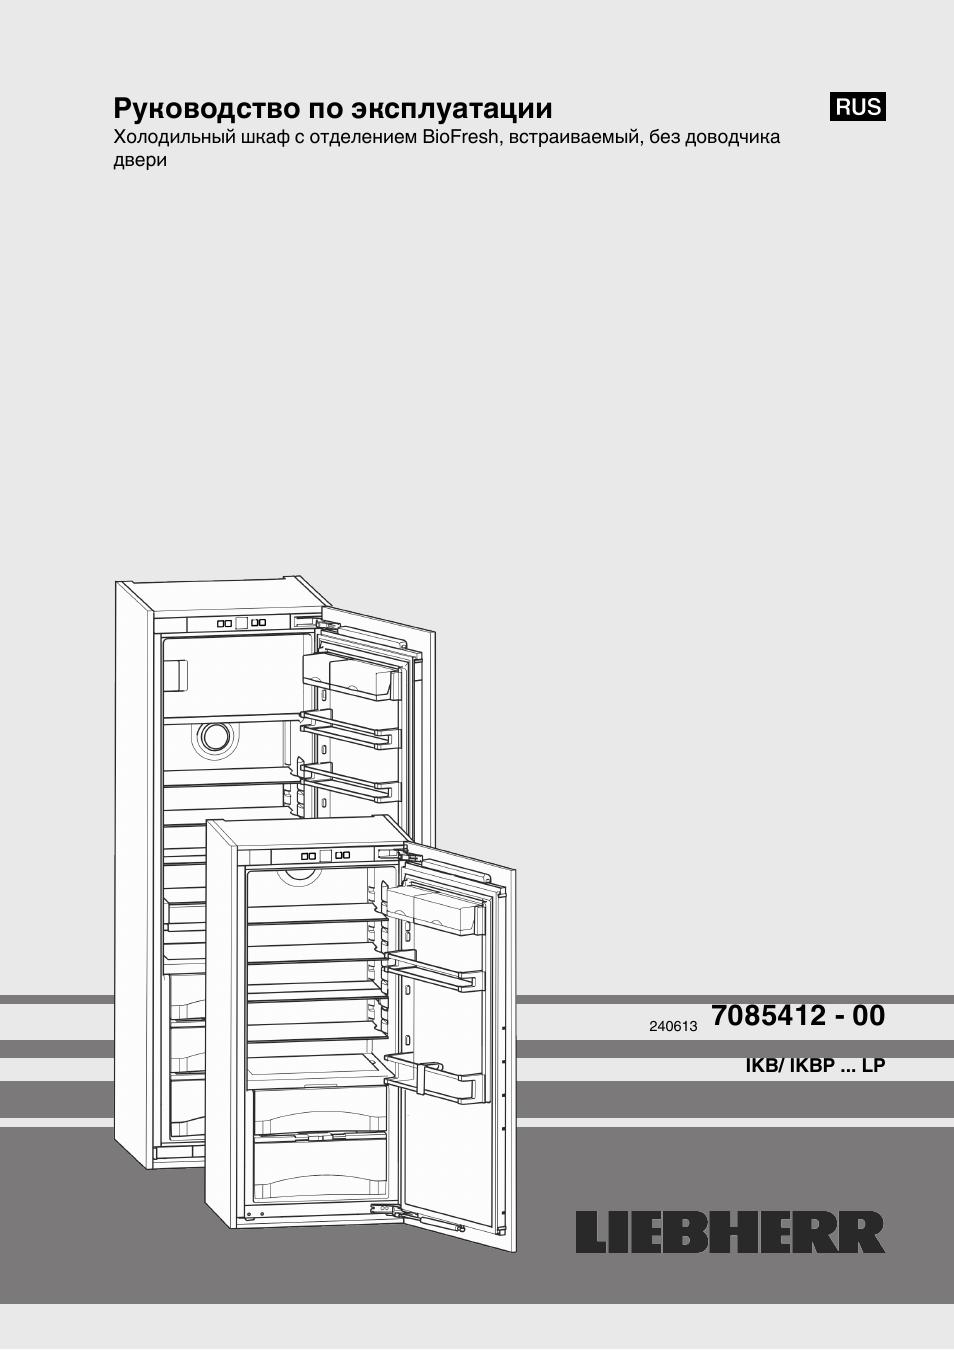 Холодильник Либхер Premium Biofresh Инструкция